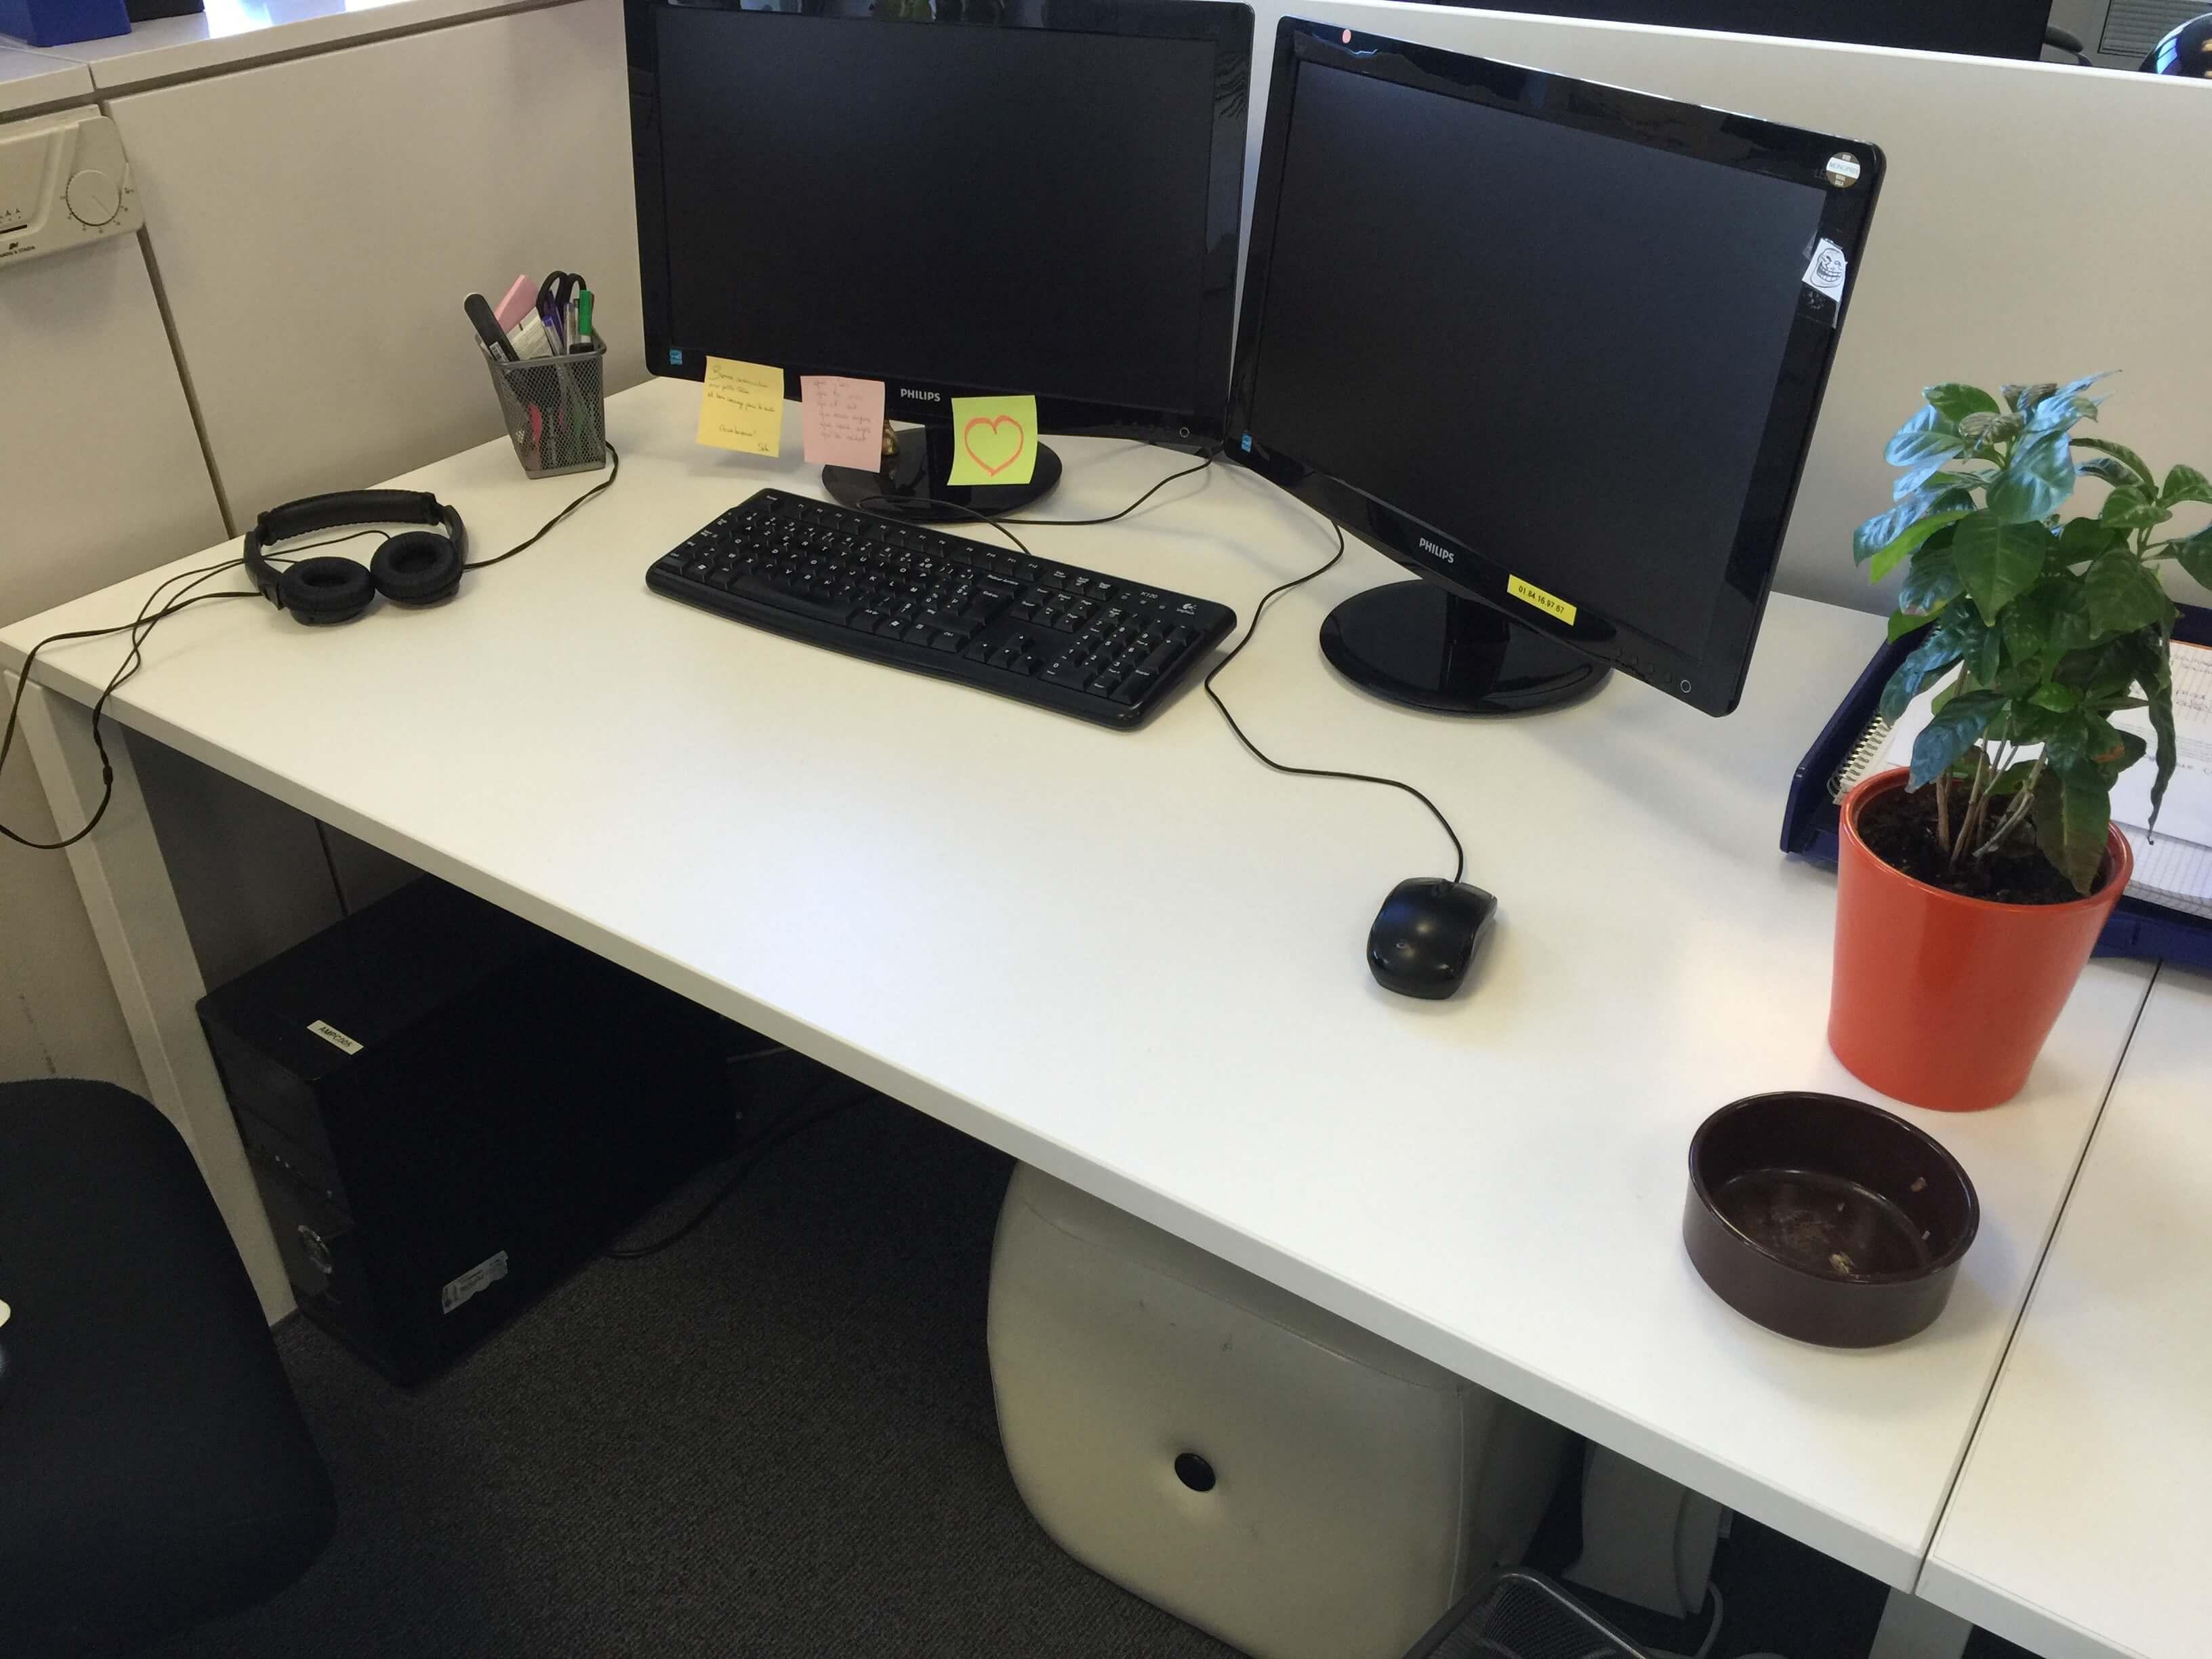 Comment avoir un bureau zéro déchet